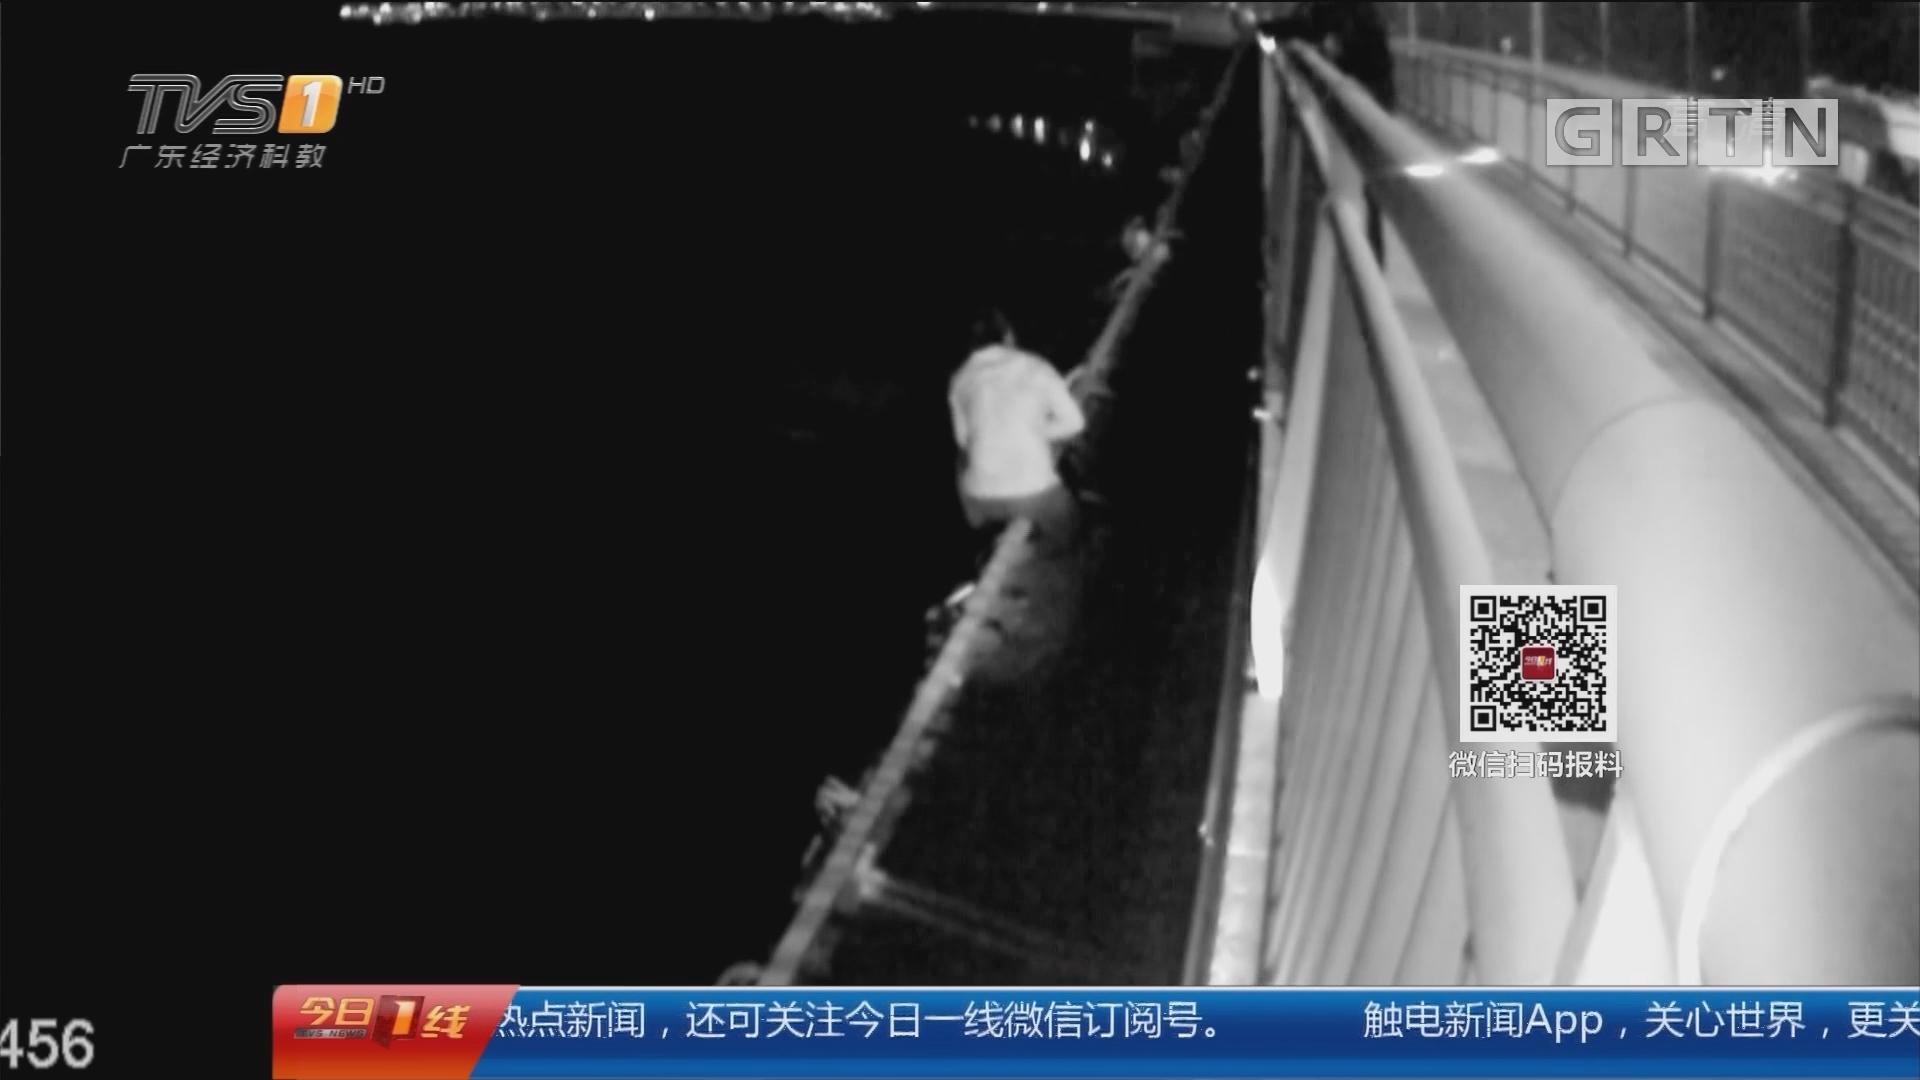 广州南沙:男子跳桥 民警边防水陆大营救